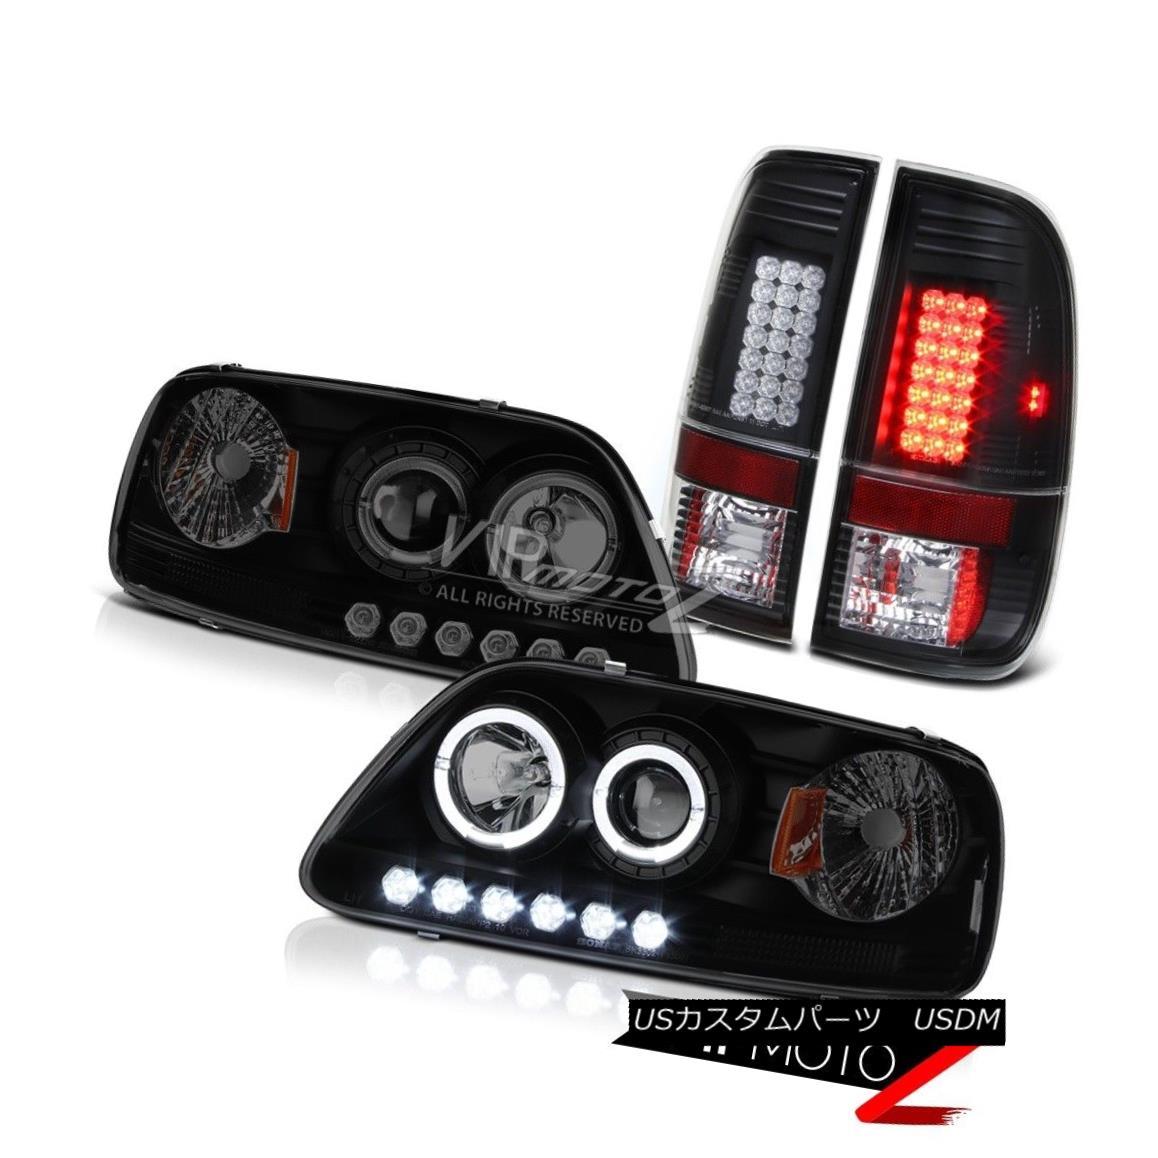 テールライト Darkest Black Halo LED Bulbs Headlights 1997 1998 Ford F150 Tail Lights Assembly 最も暗いブラックハローLED電球ヘッドライト1997年1998年フォードF150テールライトアセンブリ